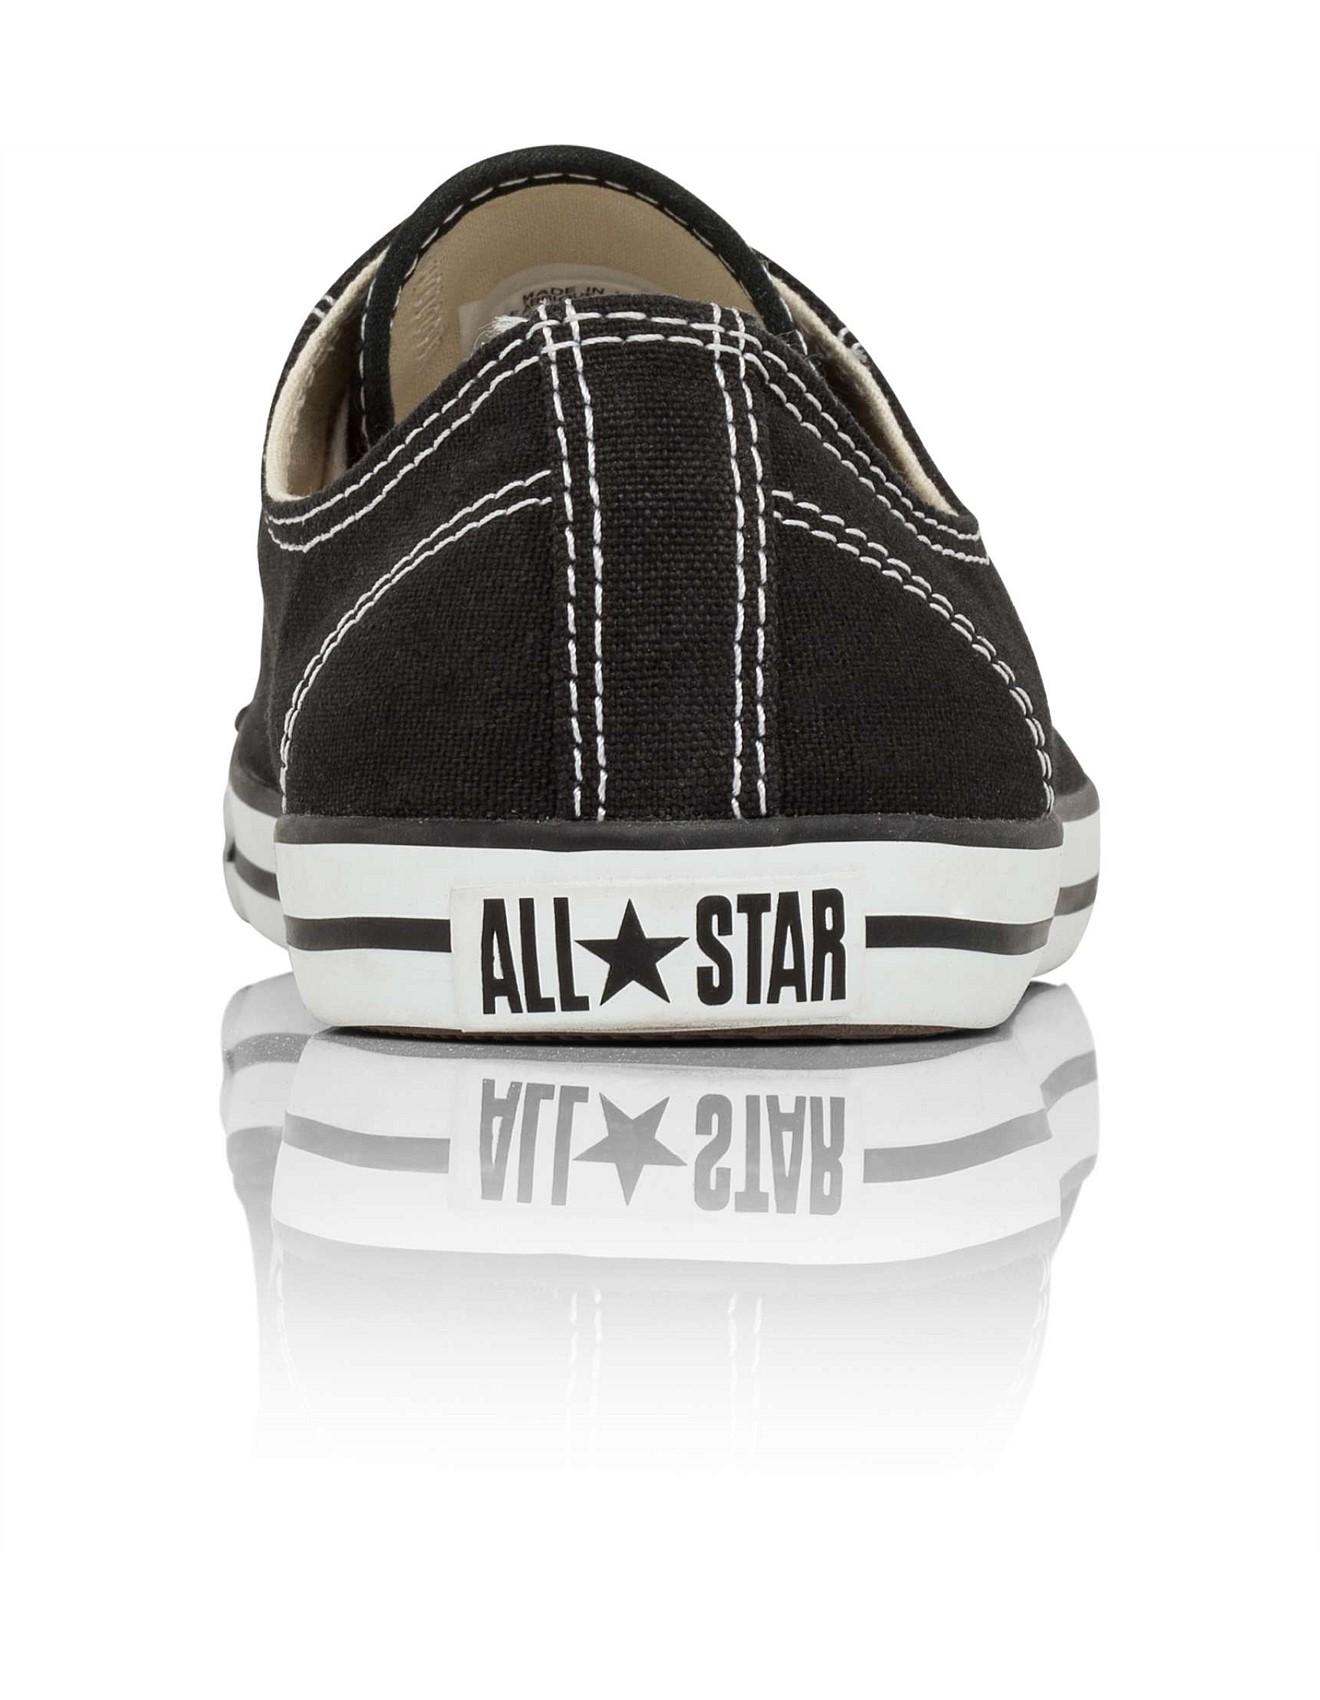 5c1955d74dd190 Dainty Ox Light Sneaker Special Offer. 1